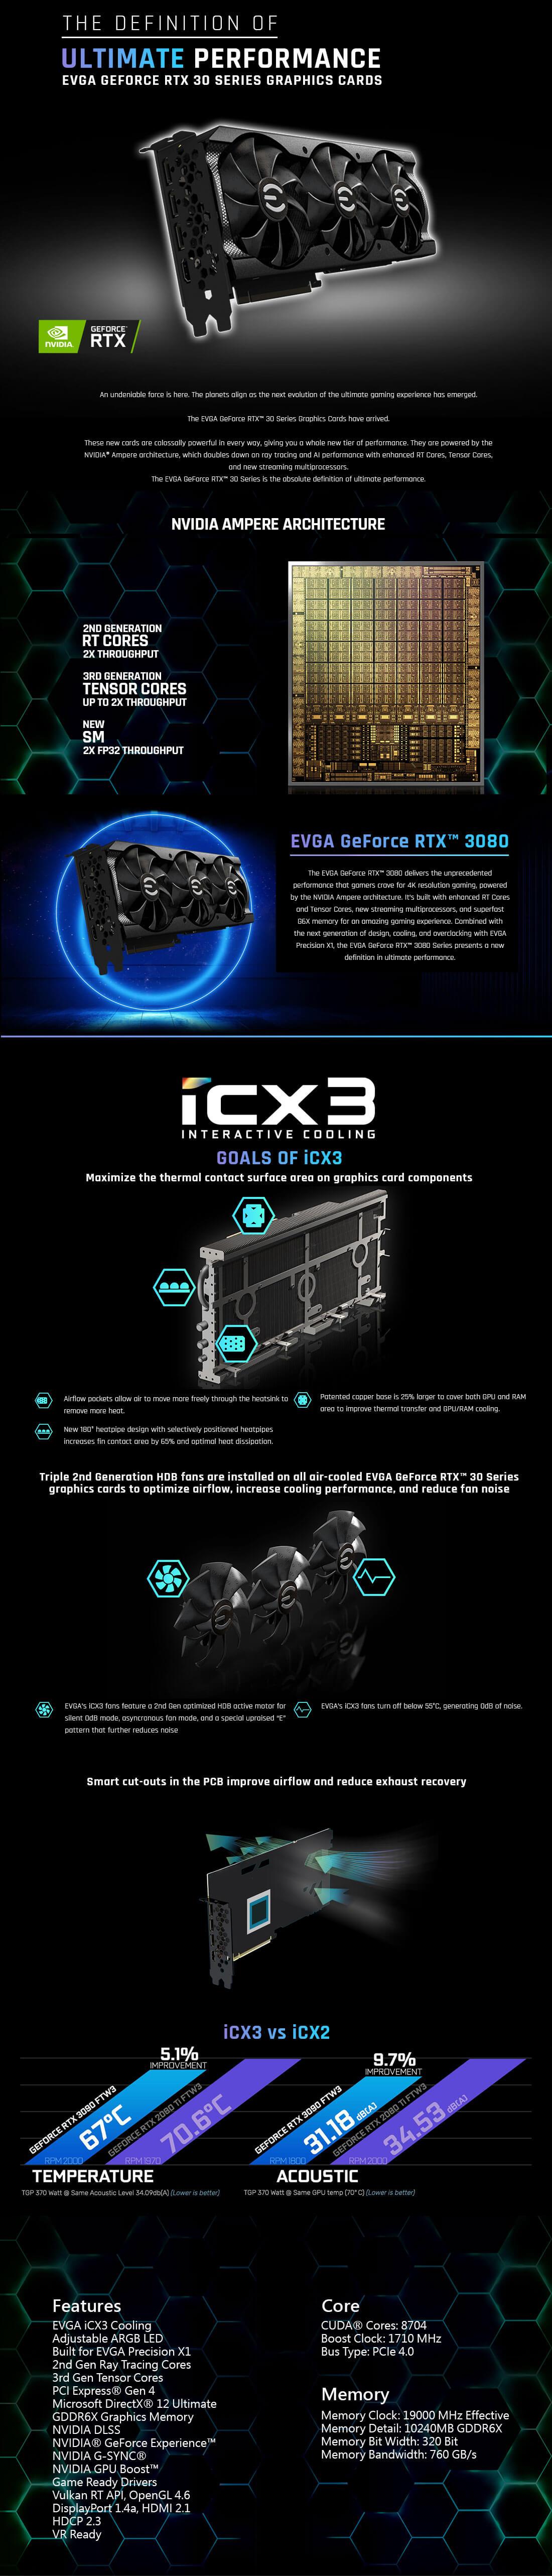 EVGA GeForce RTX 3080 XC3 BLACK GAMING - 10GB GDDR6X